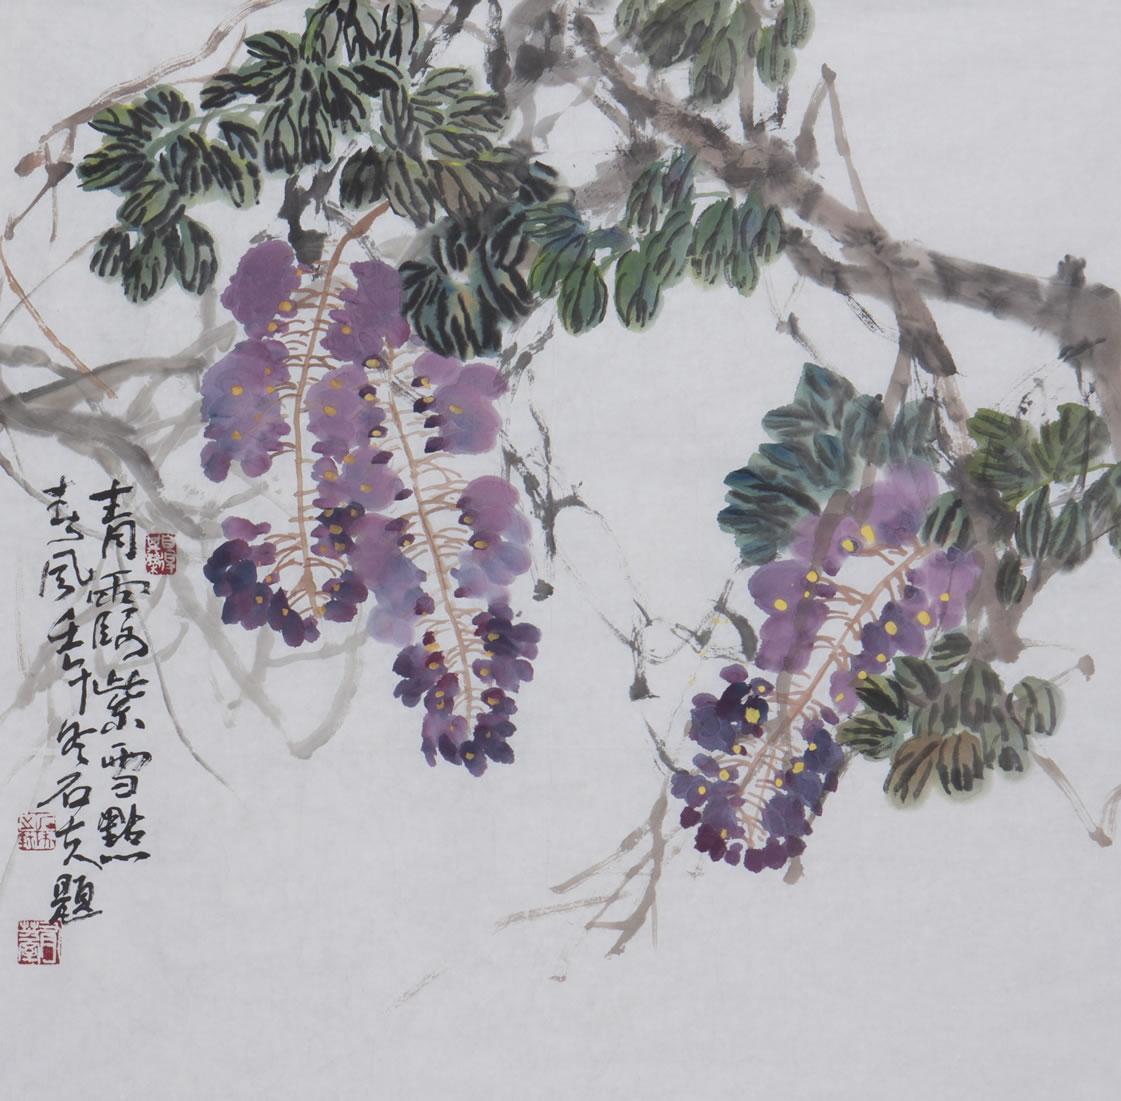 《 青霞紫雪点春风》